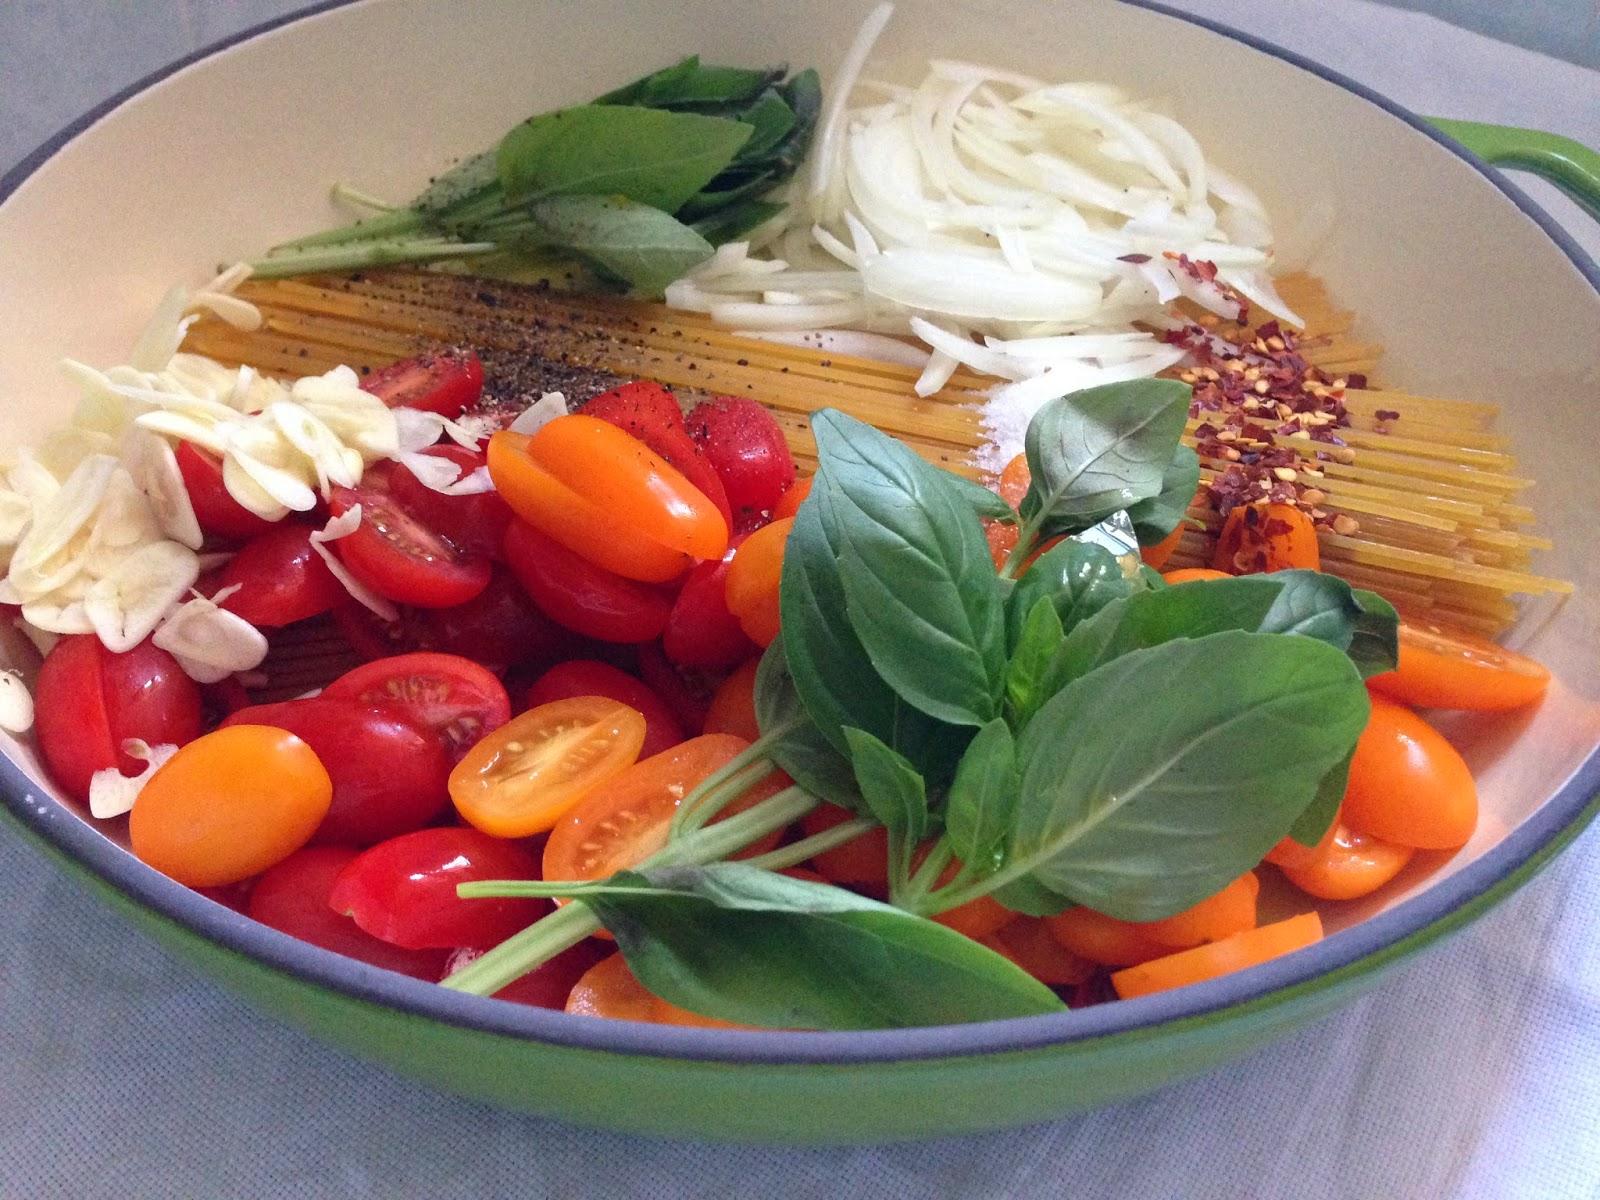 Martha Stewart's one-pan-pasta